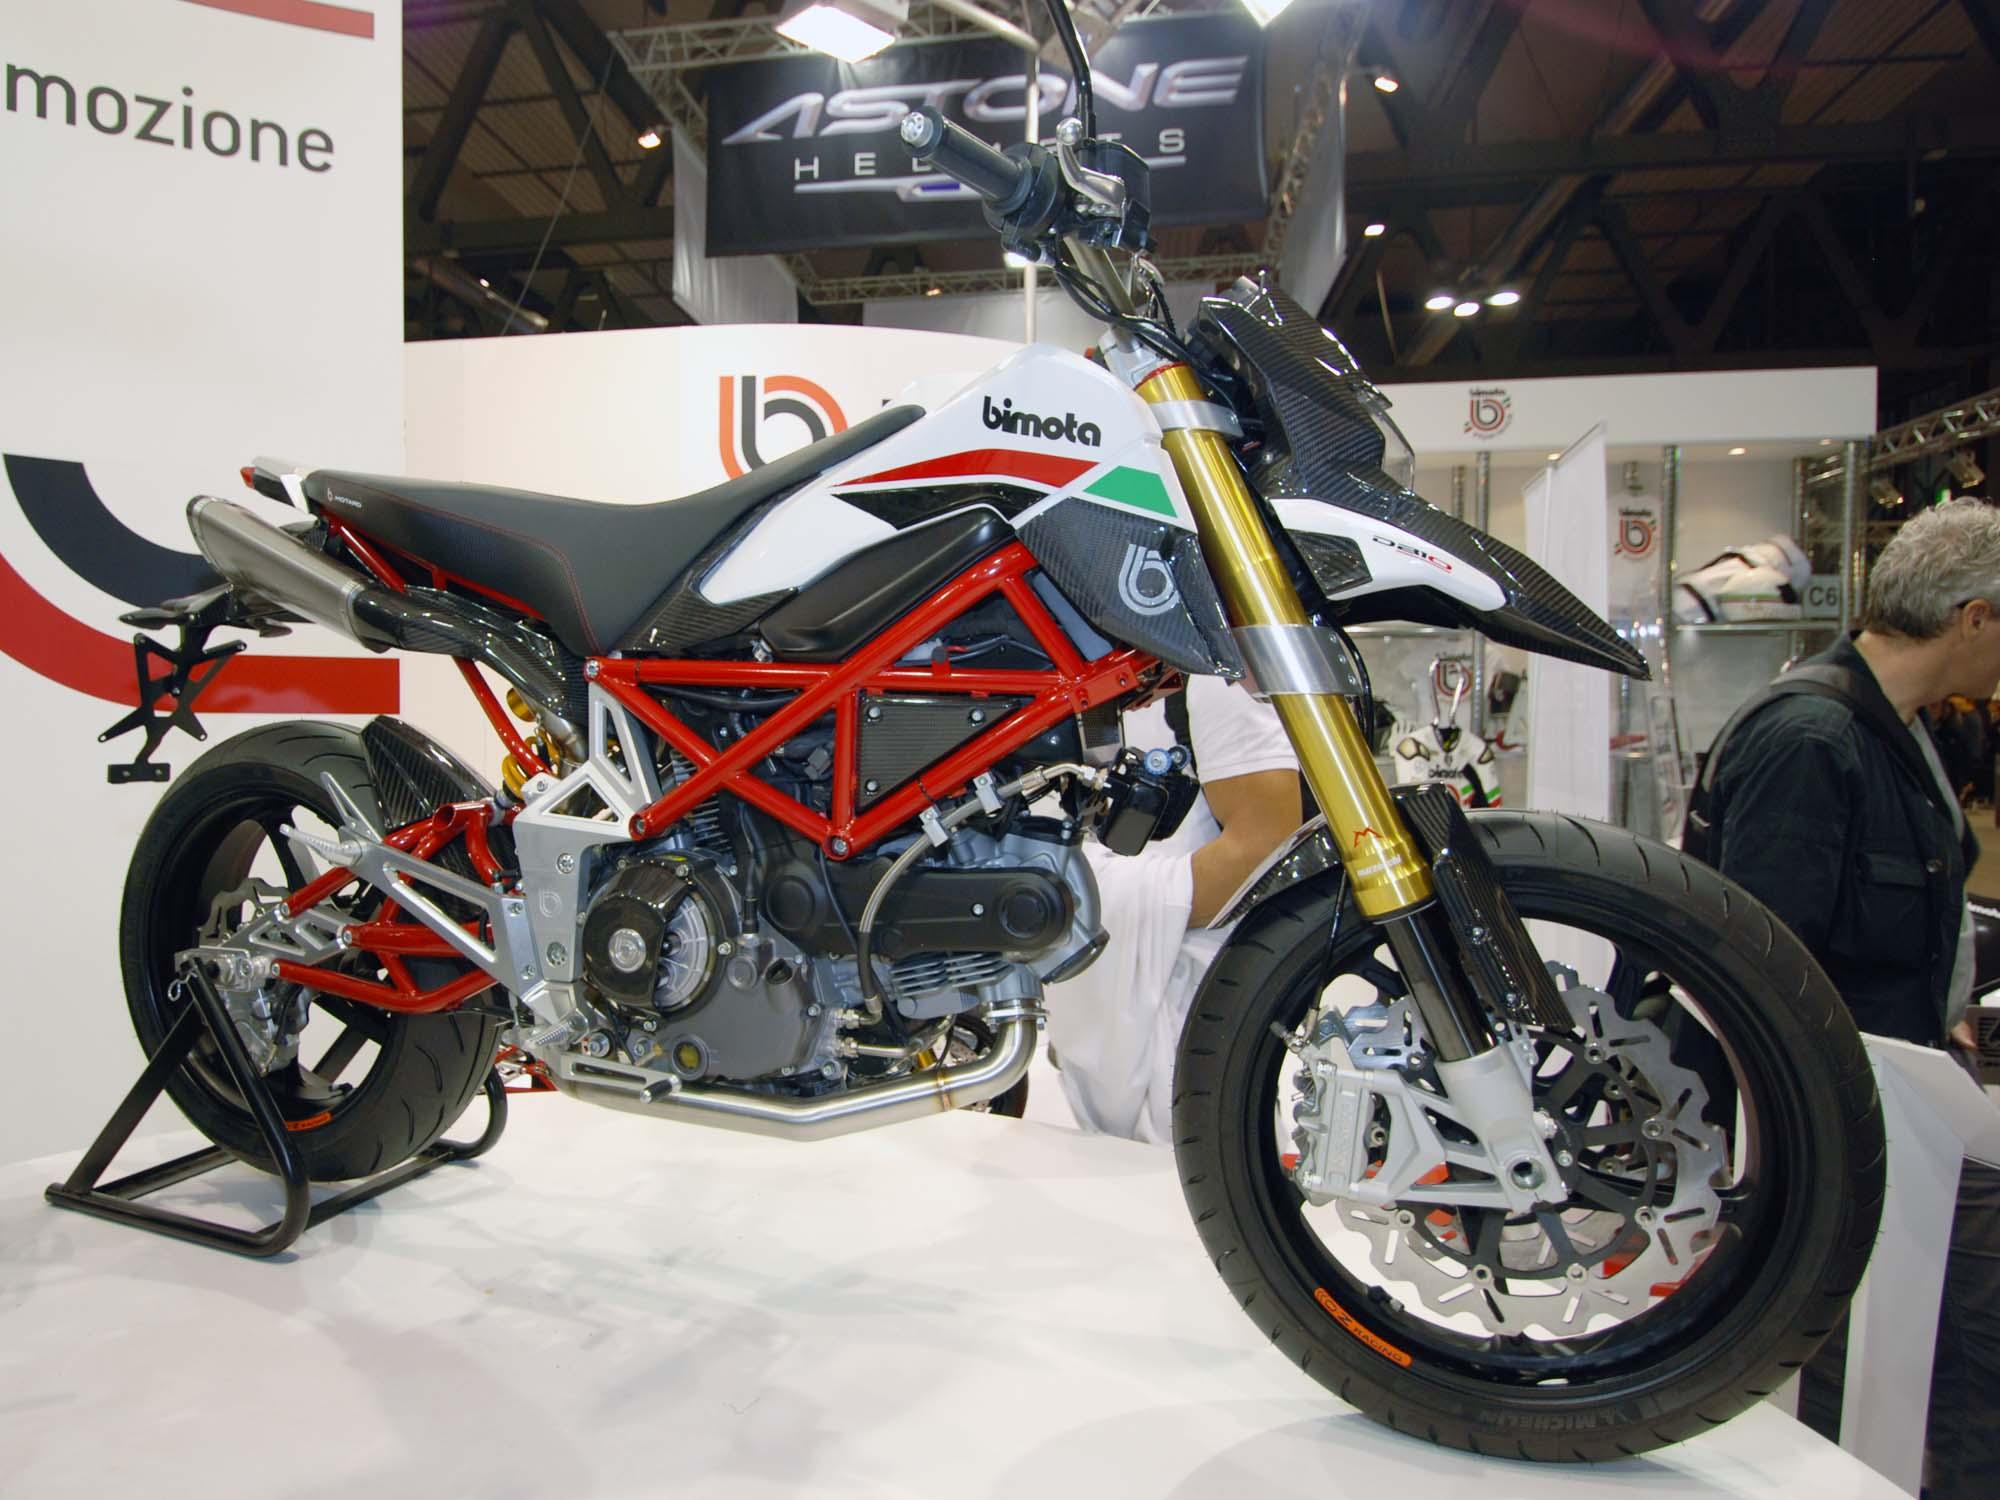 2012 Bimota Moto 2 HB 4